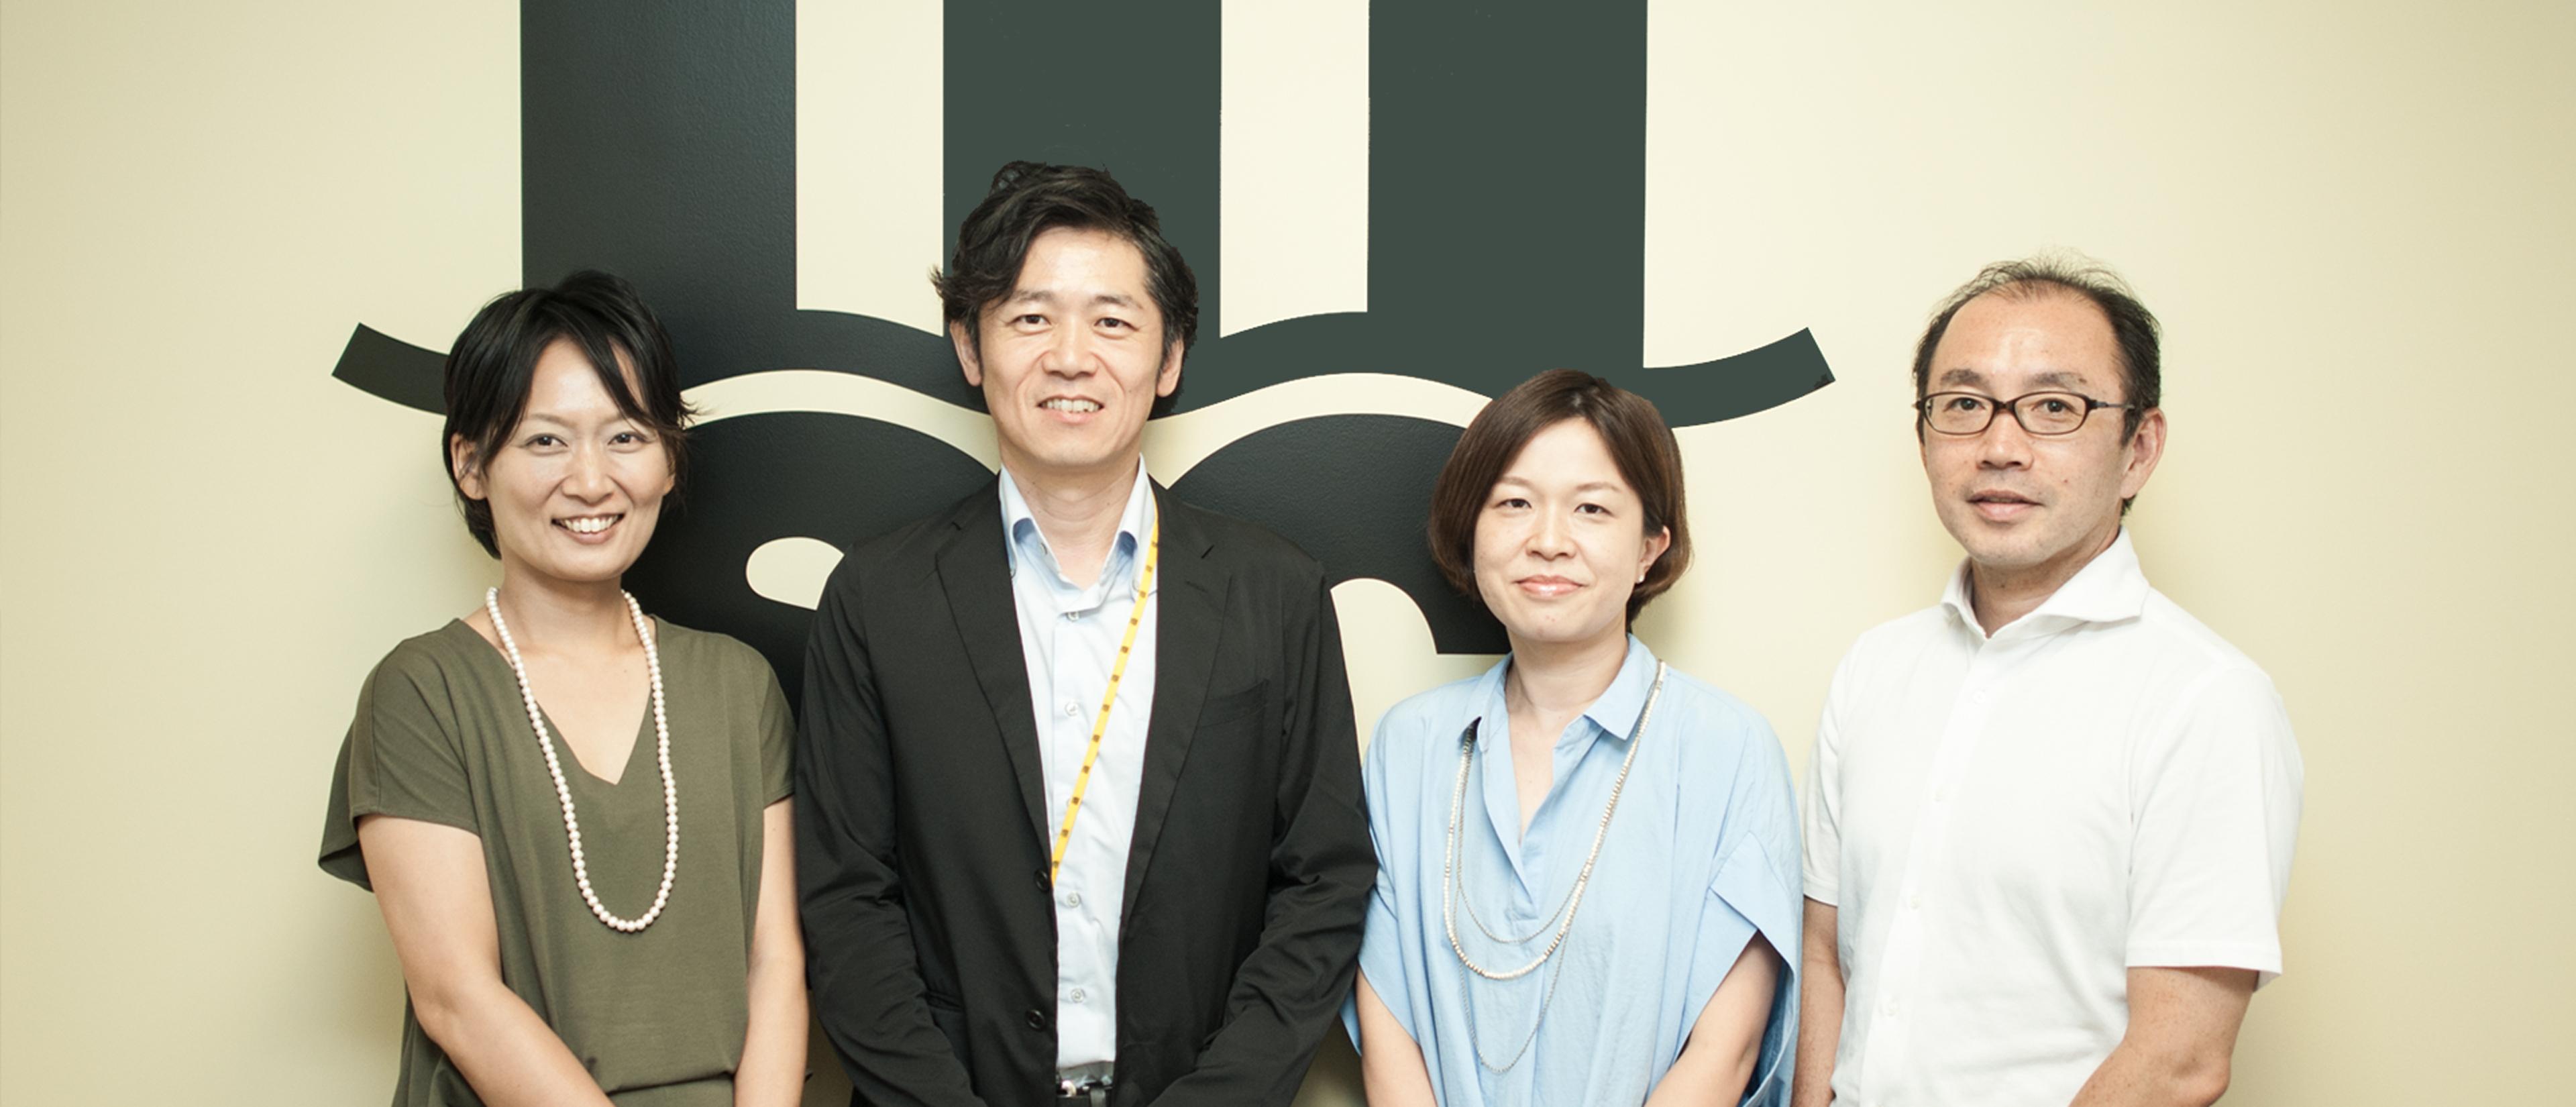 エムエスシージャパンのメンバー写真